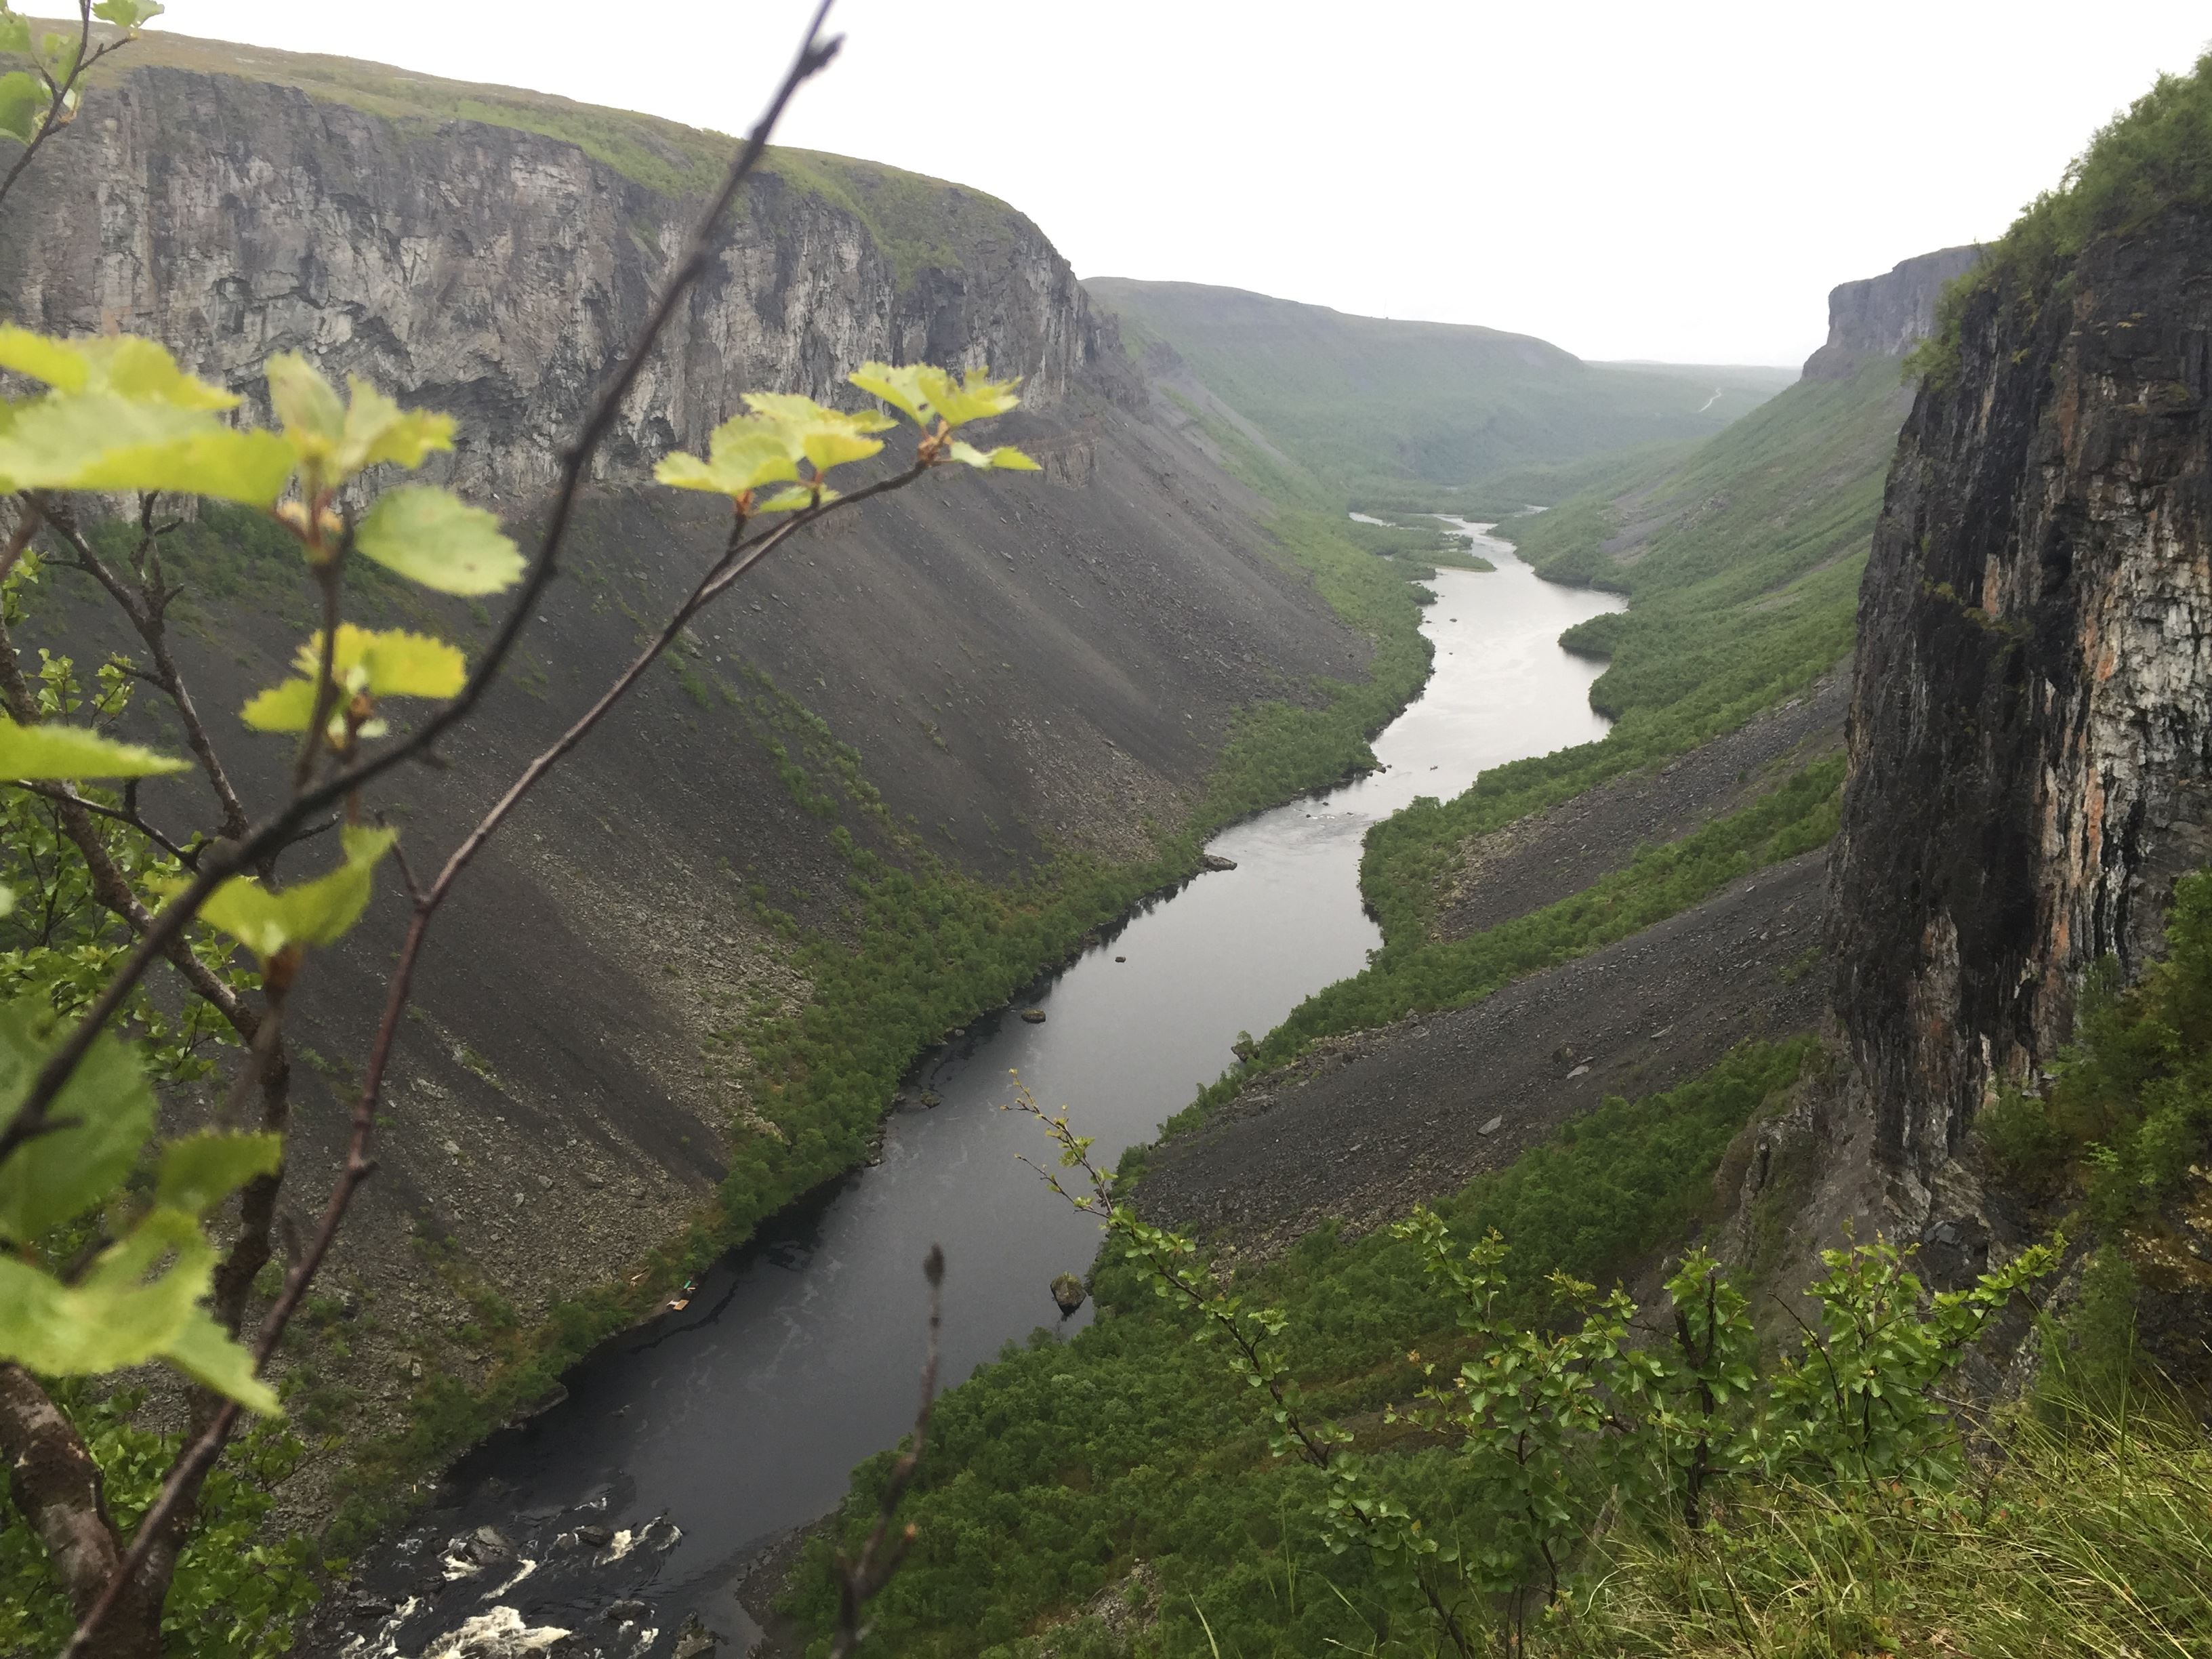 The Alta River